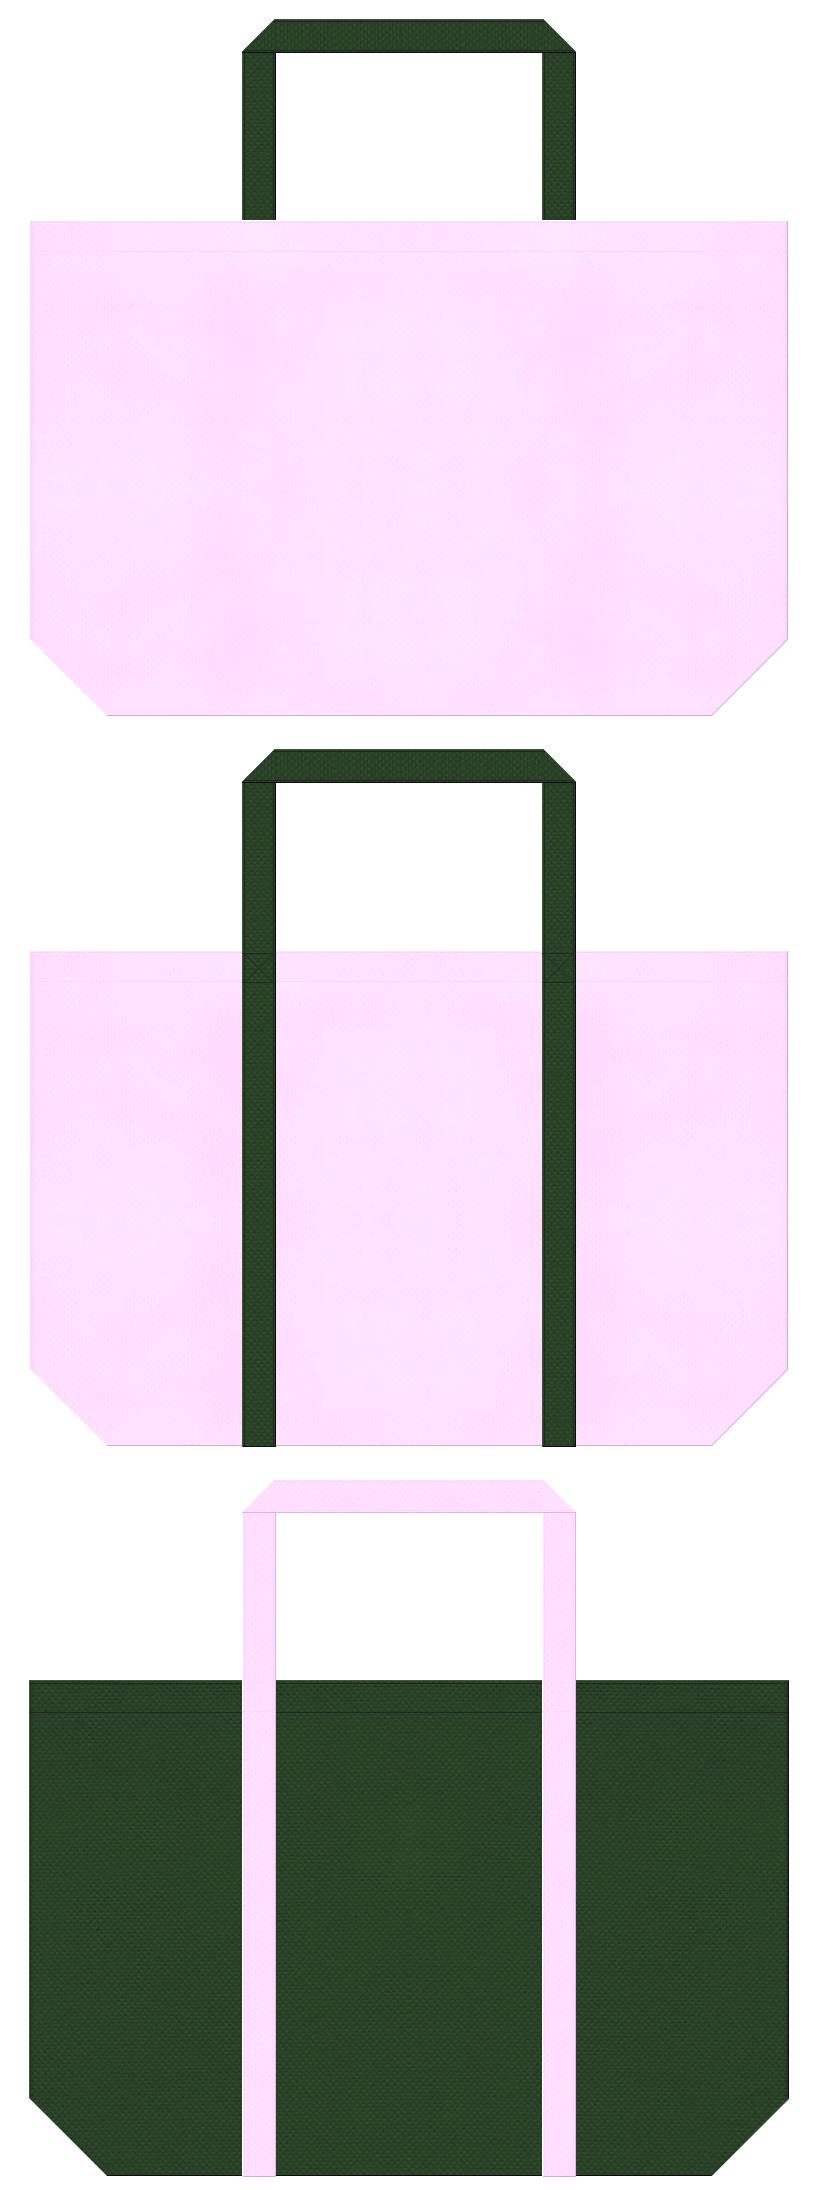 明るいピンク色と濃緑色の不織布バッグデザイン。女子制服・ユニフォームのショッピングバッグにお奨めです。